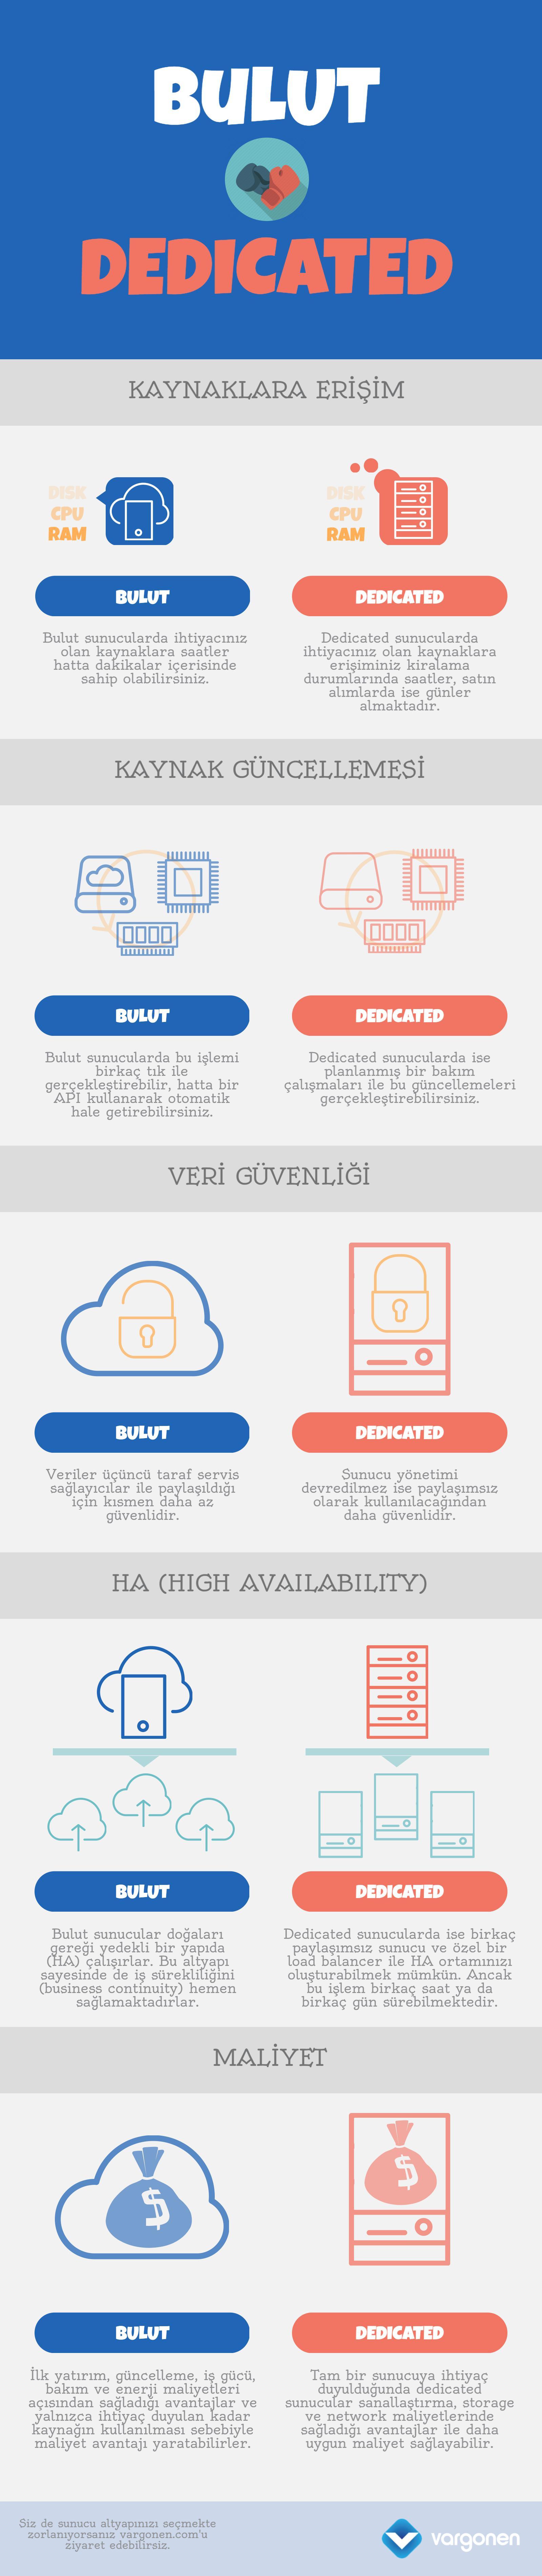 bulut sunucu ve dedicated server farkı nedir